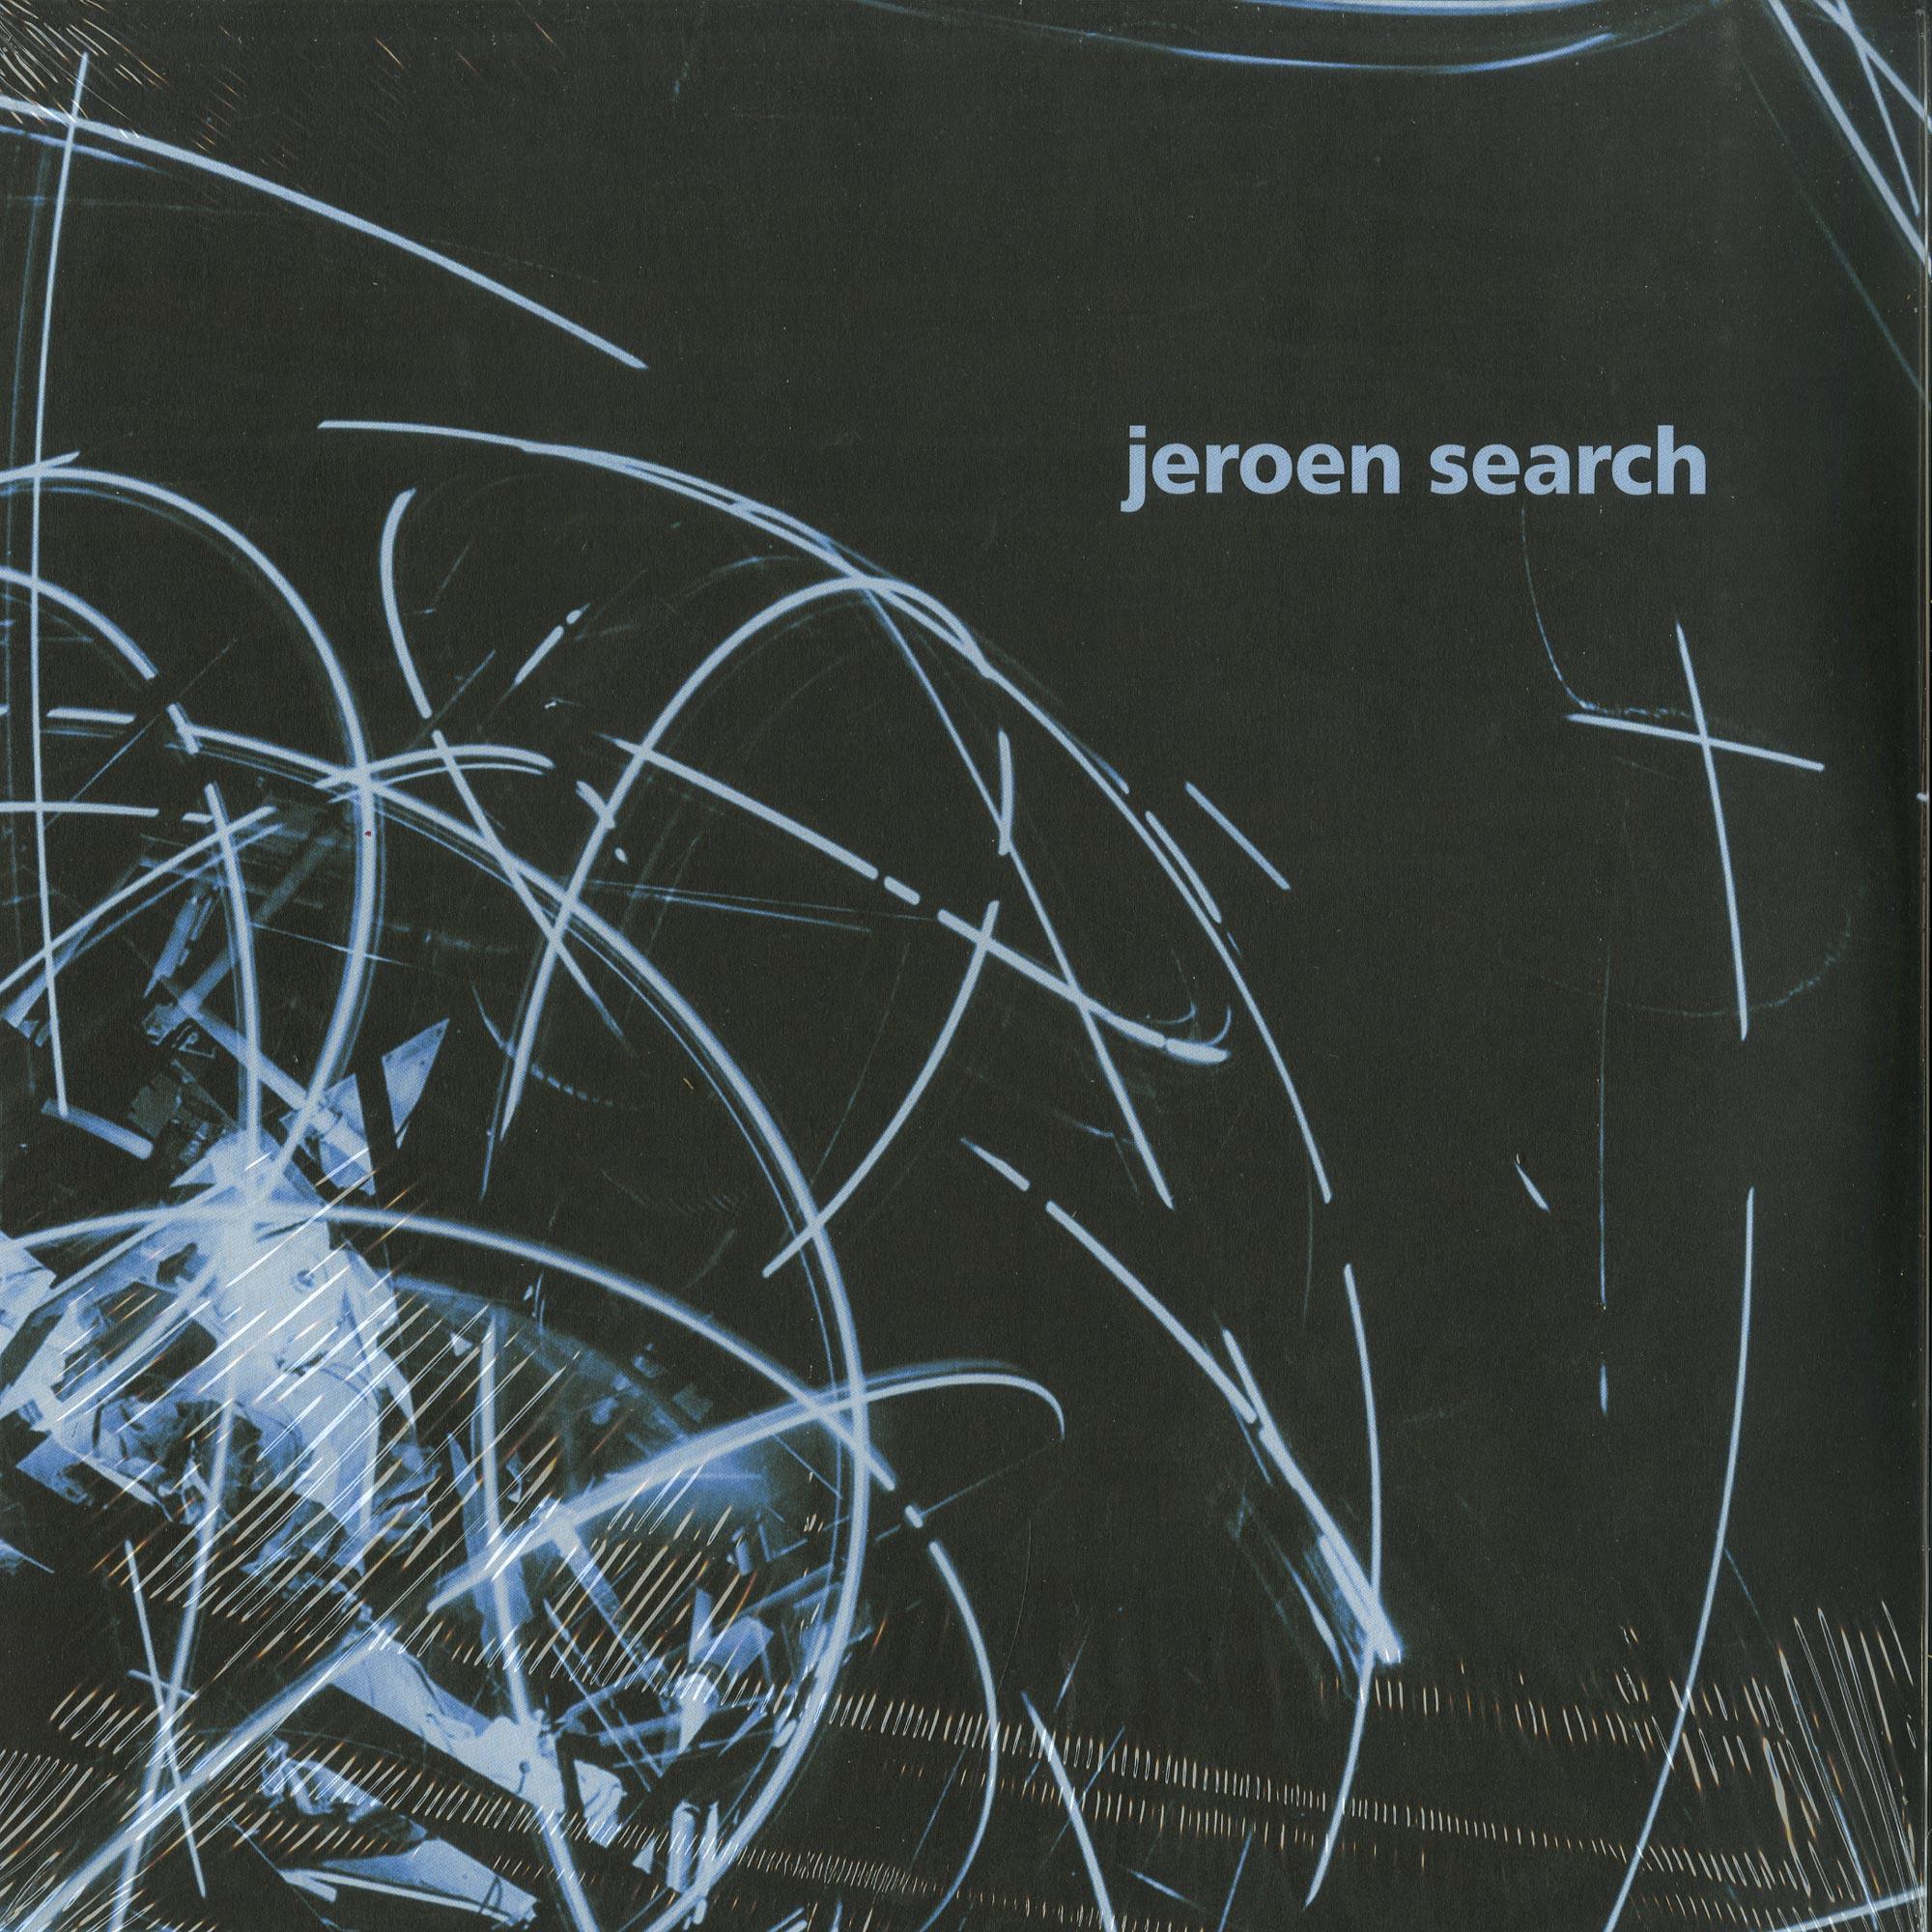 Jeroen Search - MONISM